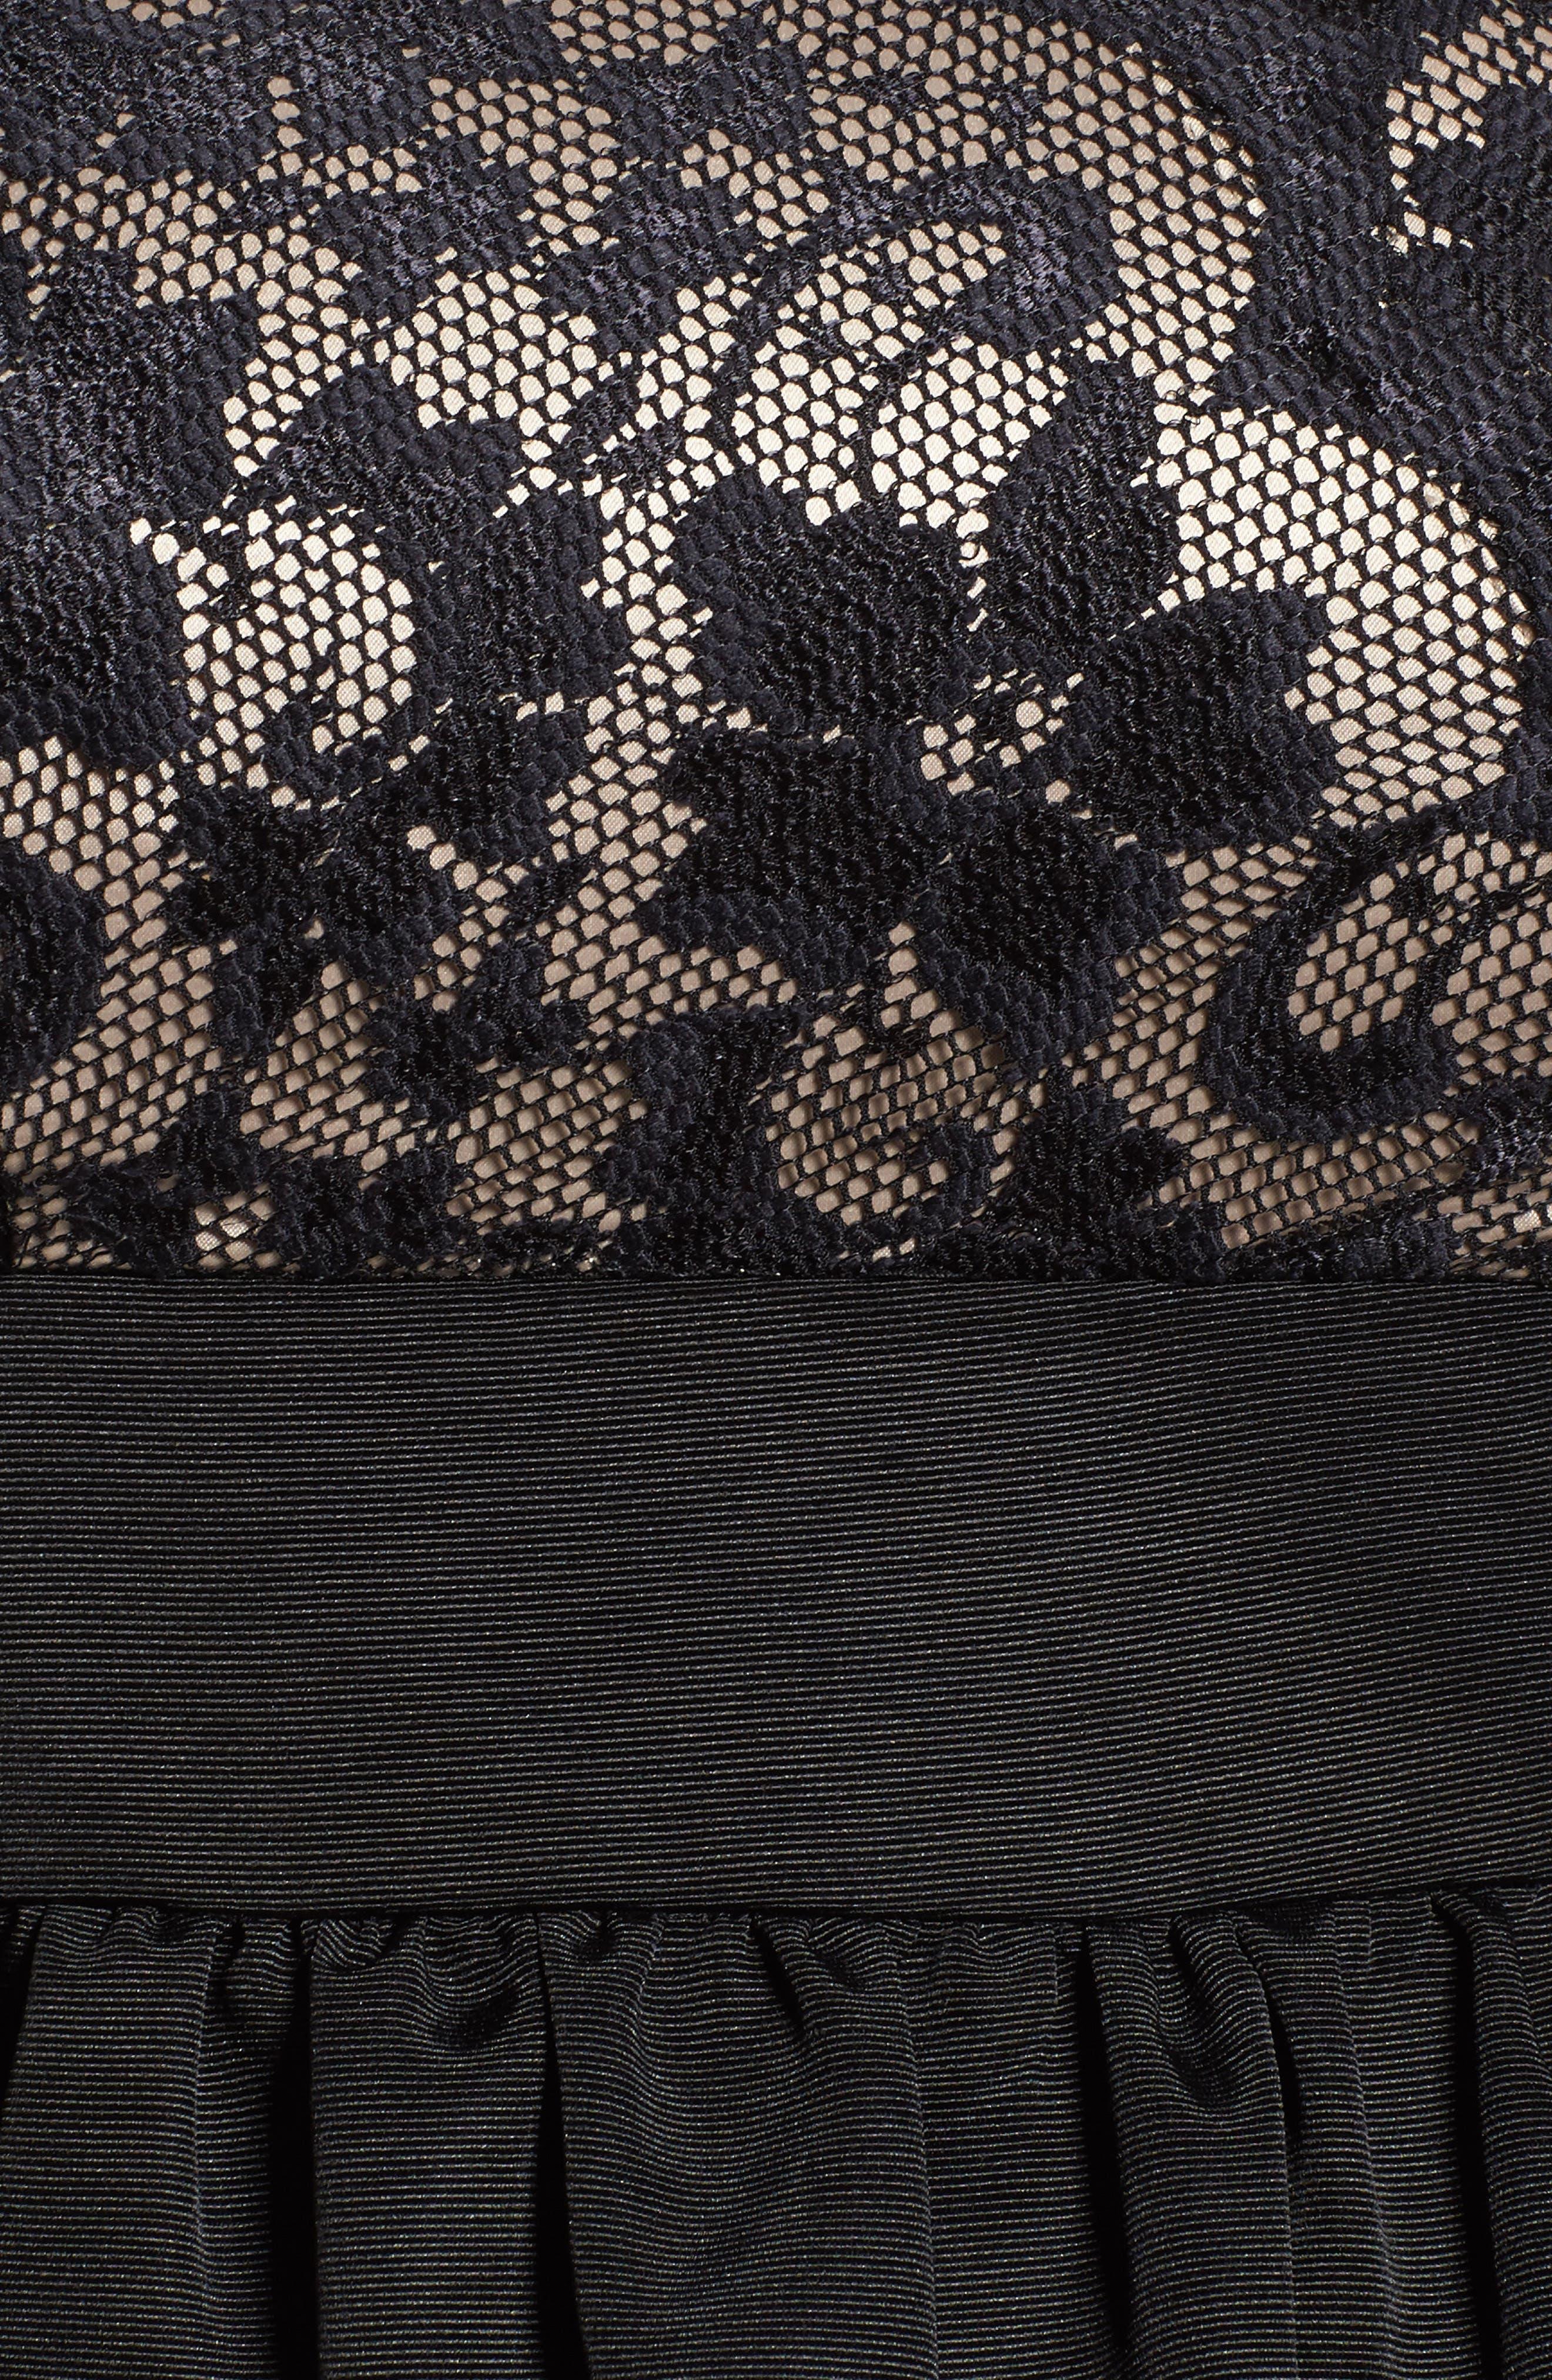 Lace & Faille Dress,                             Alternate thumbnail 11, color,